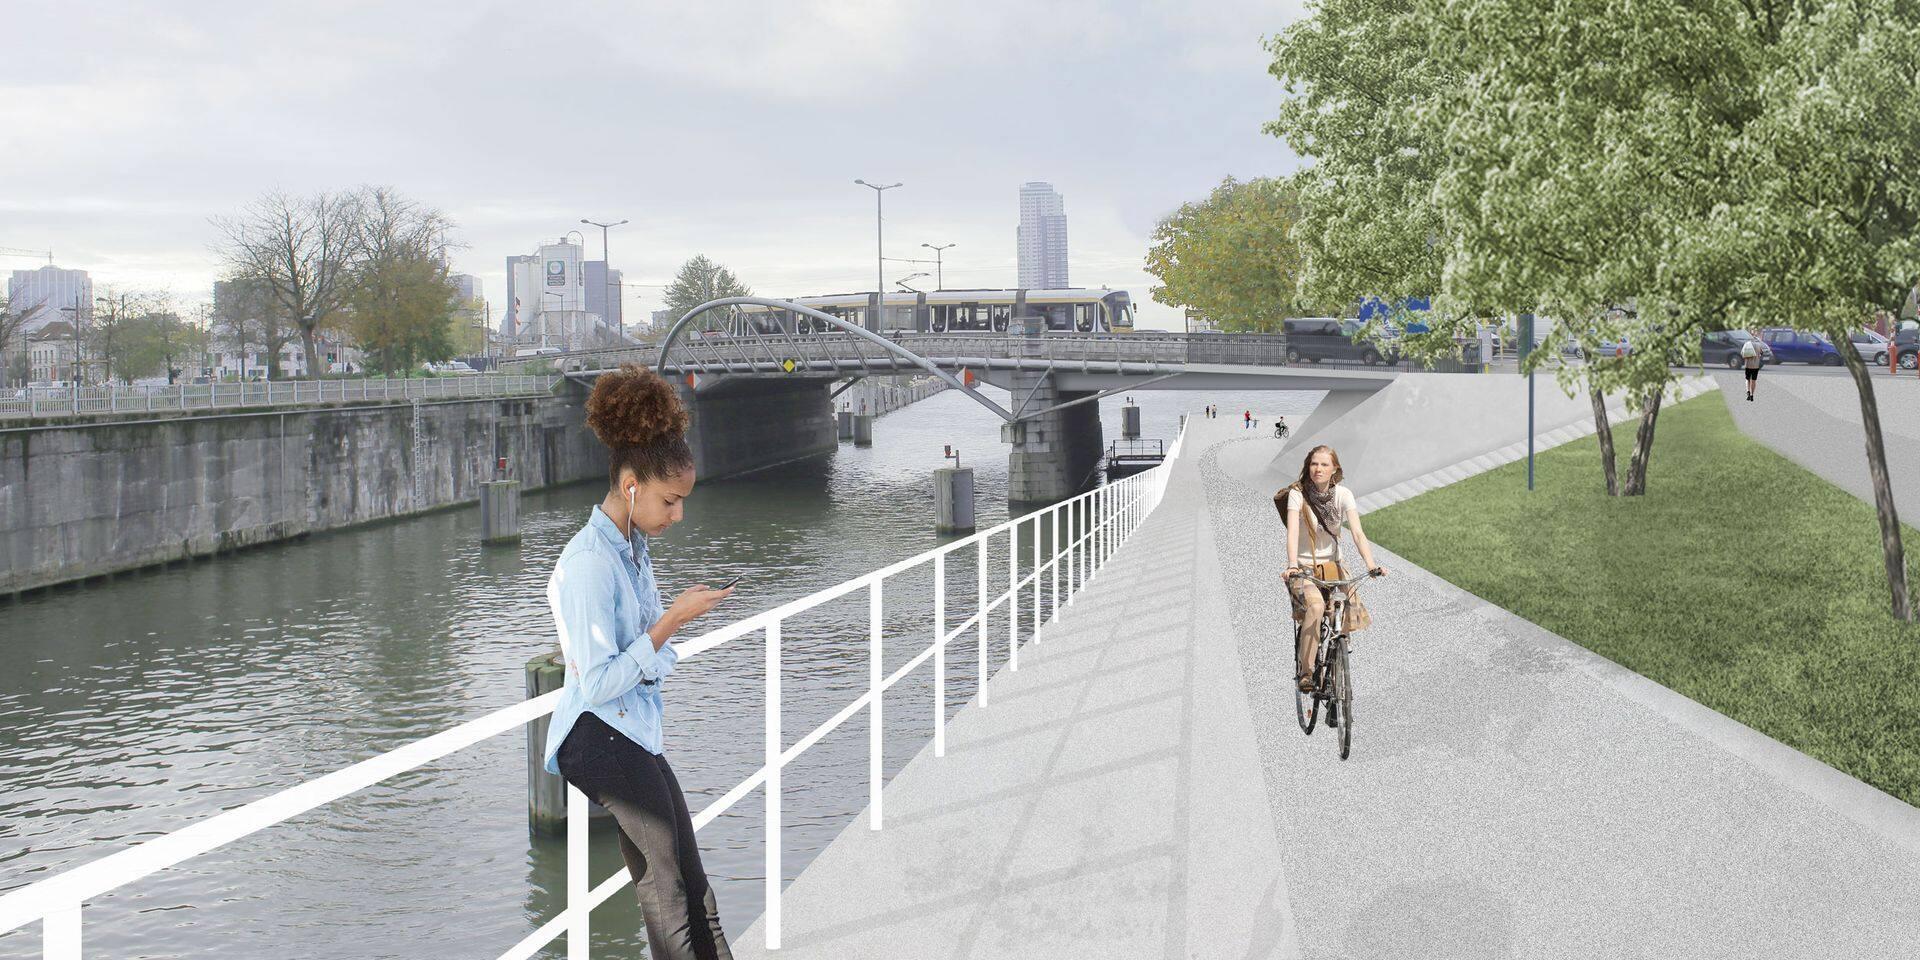 Gijs Van Vaerenbergh désigné pour la conception des trois passerelles cyclo-piétonnes le long du canal